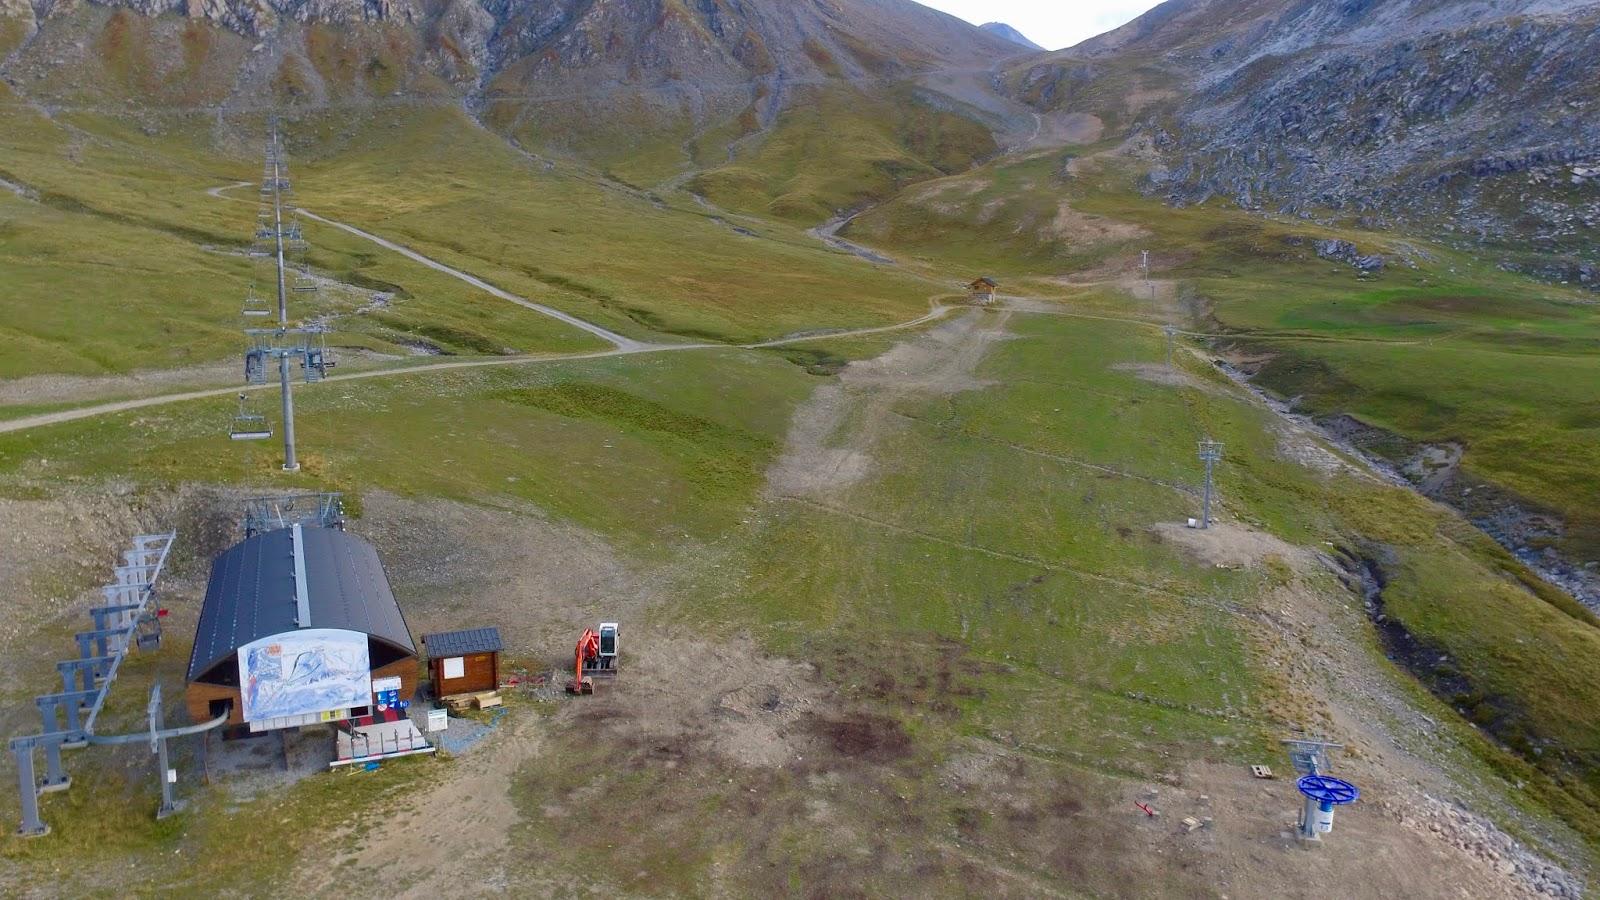 vue de l'emplacement du nouveau téléski débutant de Valfréjus